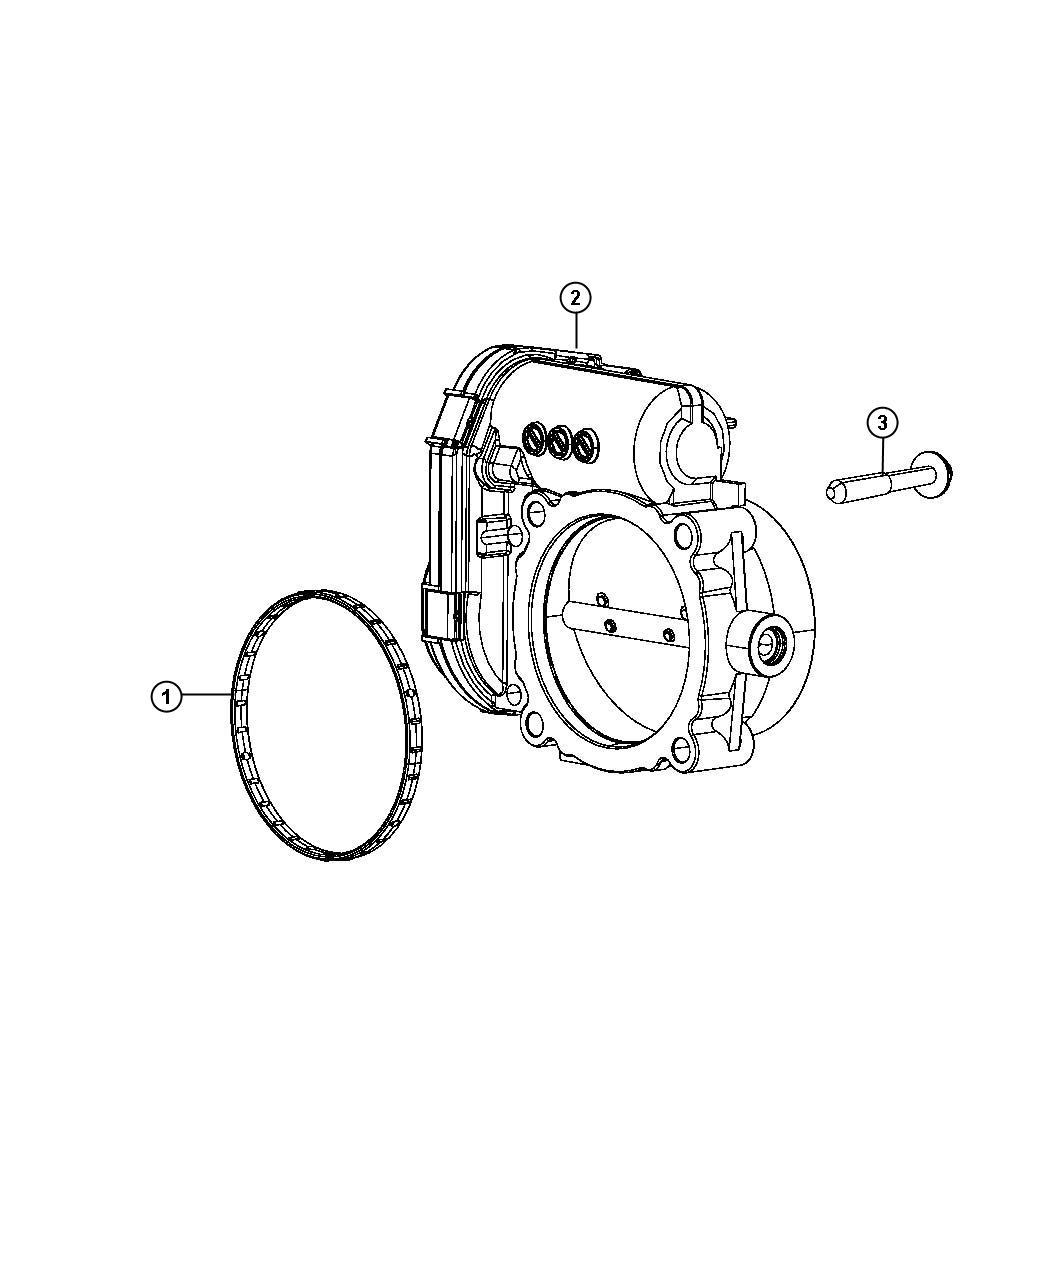 Chrysler Town Amp Country Throttle Body 3 6l V6 24v Vvt